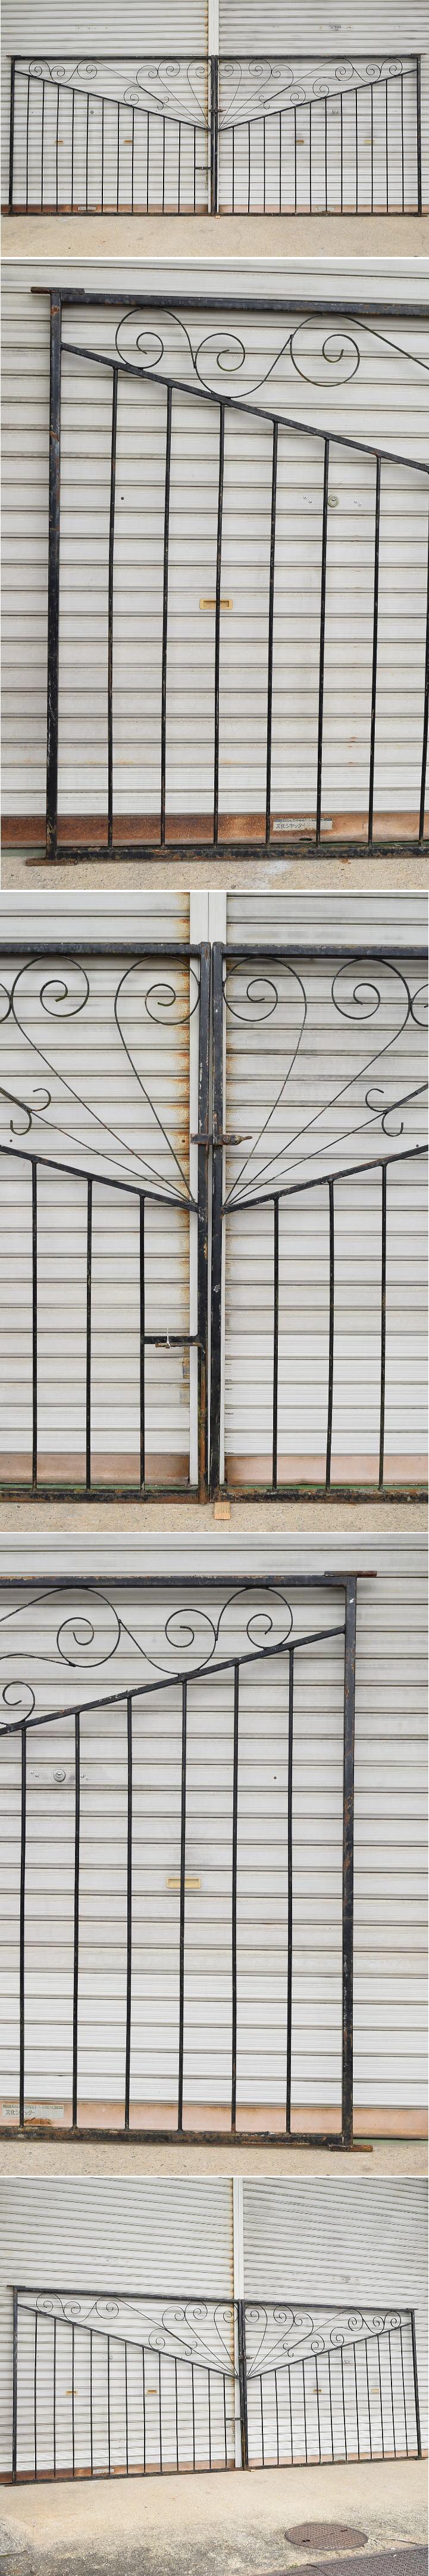 イギリス アンティーク アイアンフェンス ゲート柵 8516